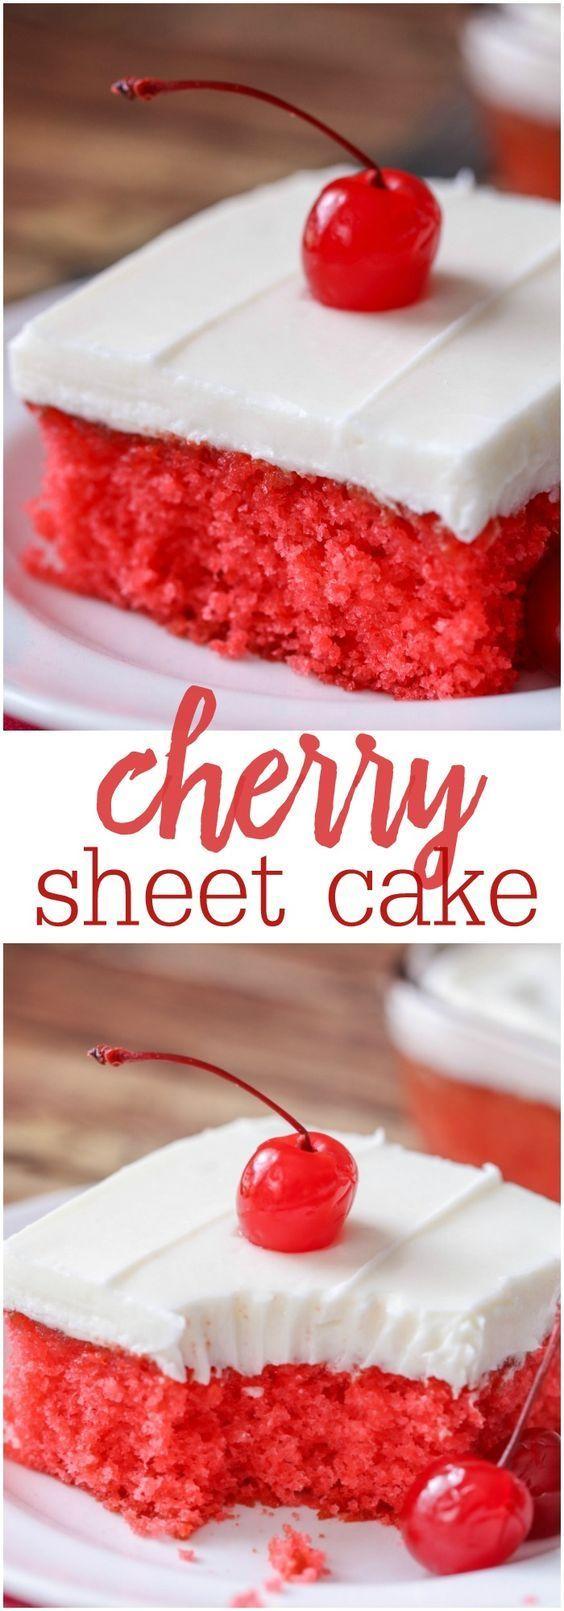 Cherry Sheet Cake